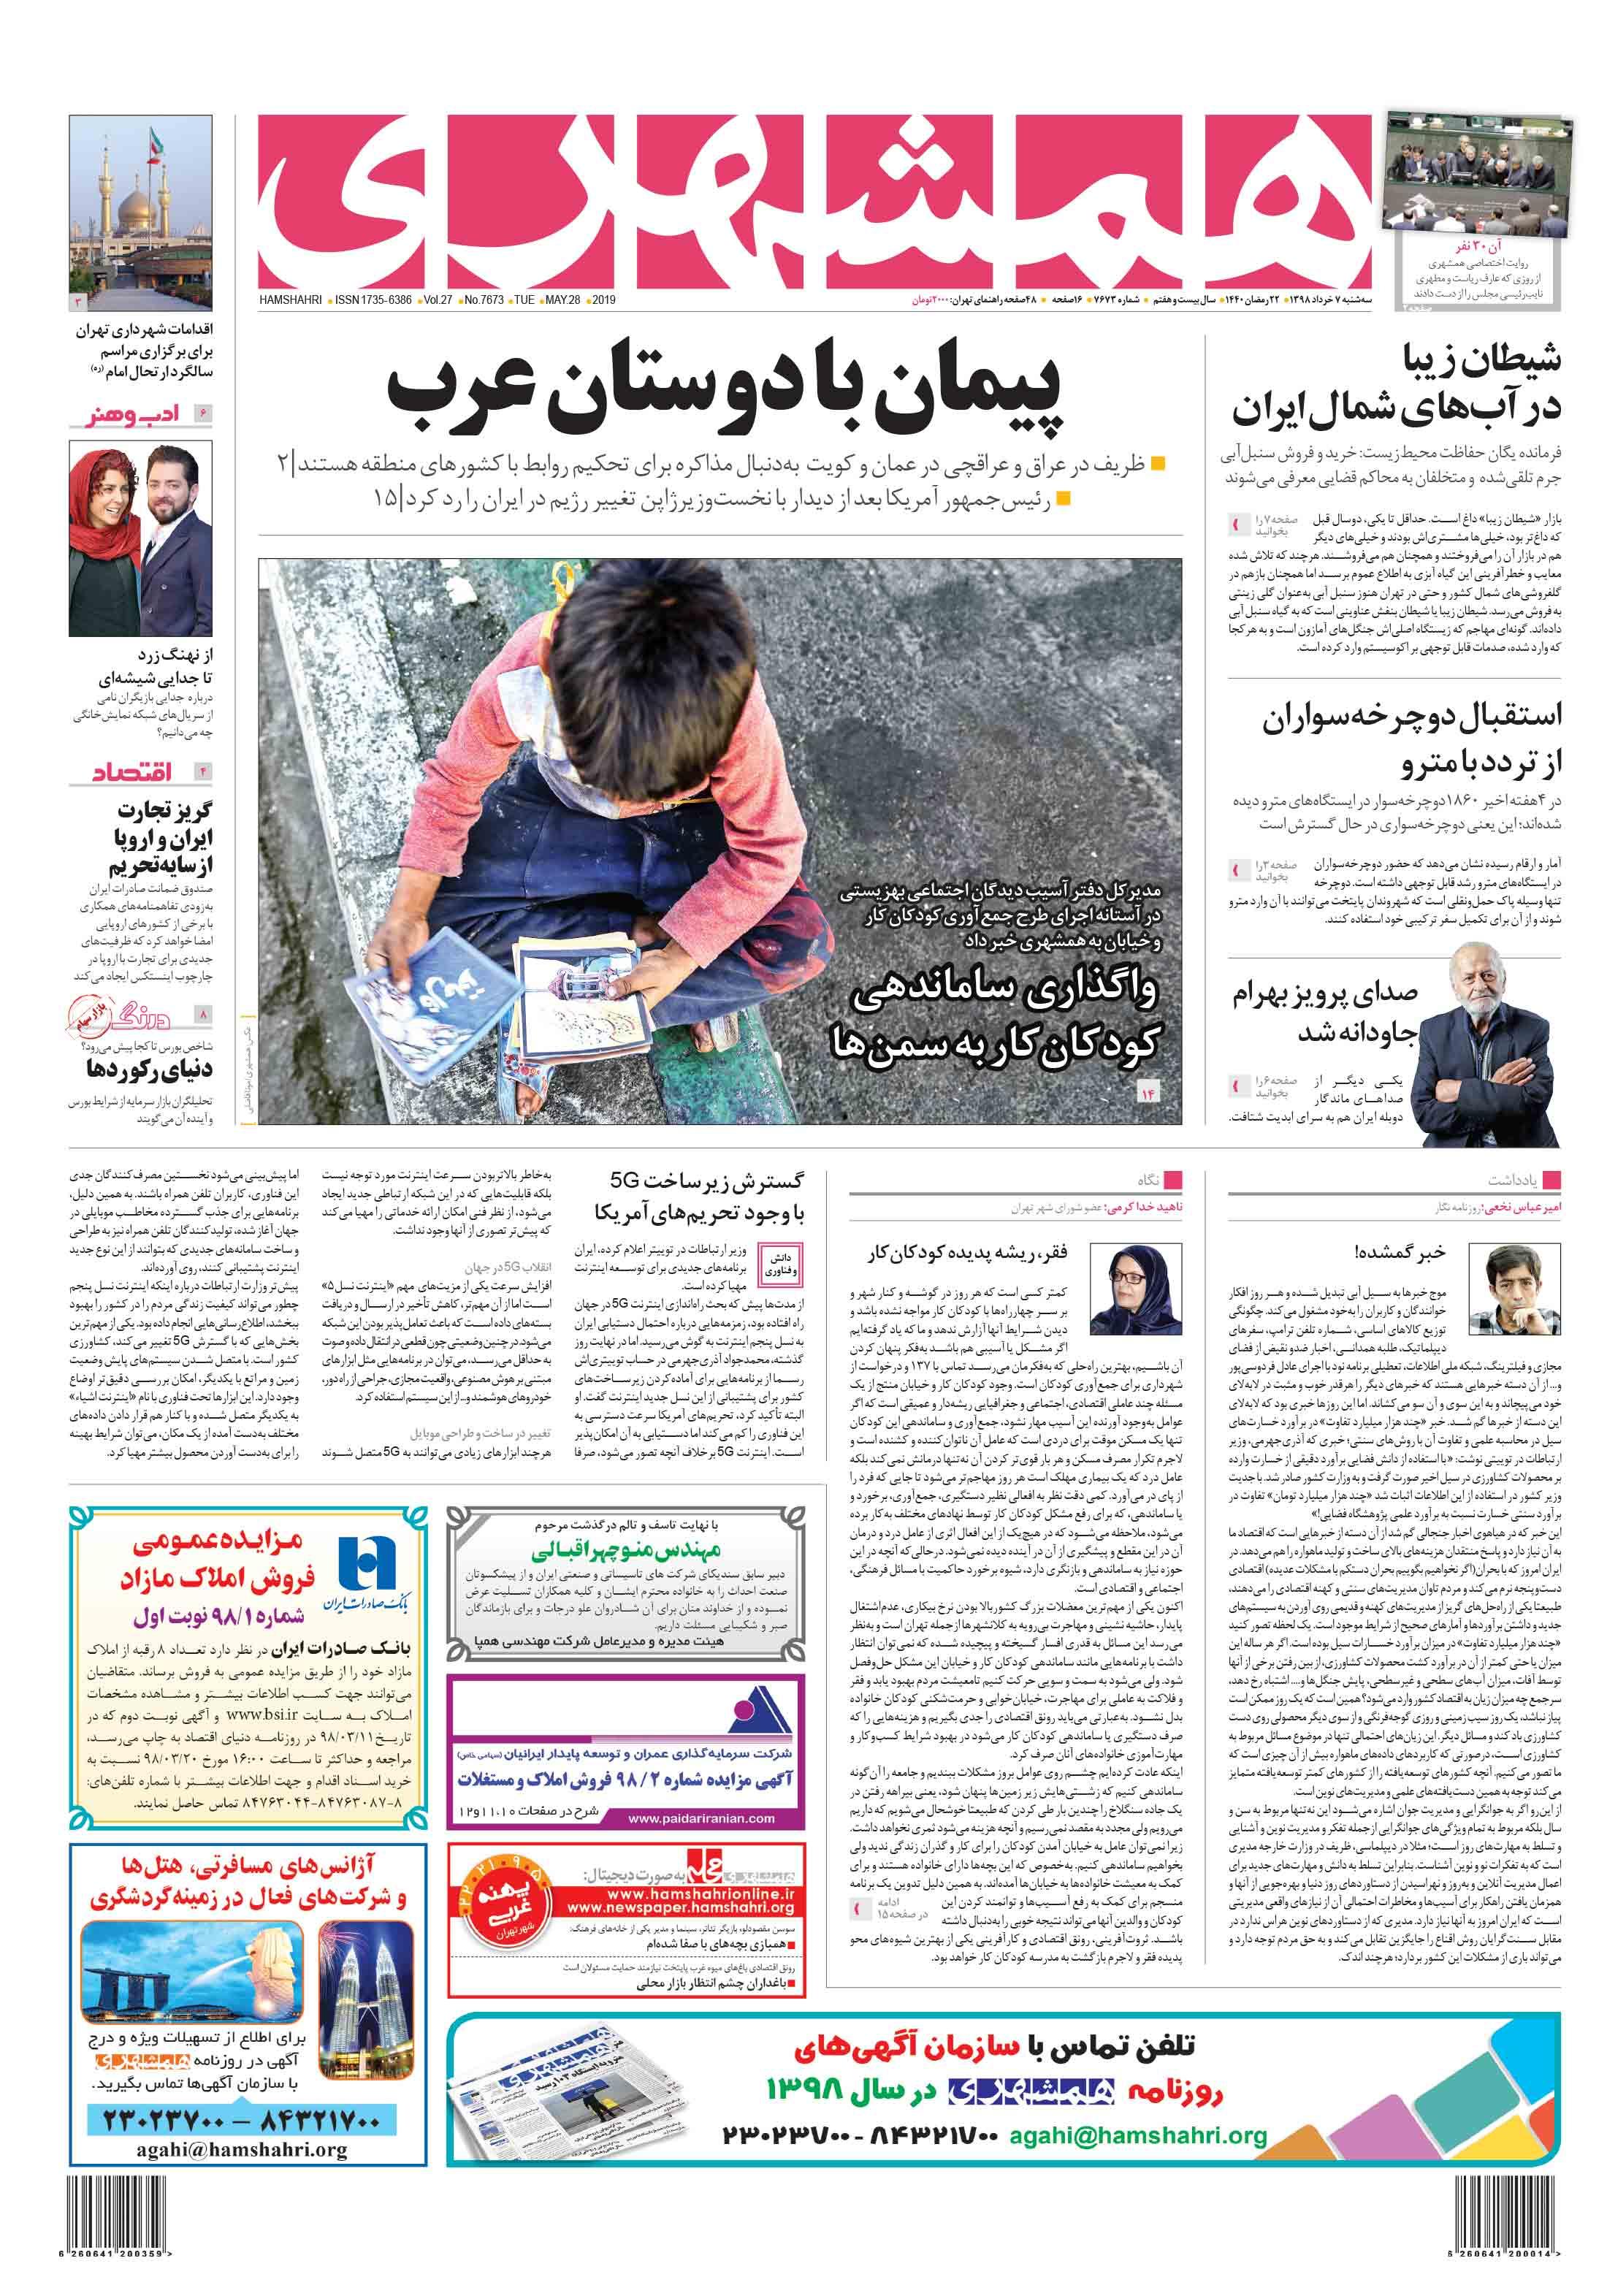 صفحه اول سهشنبه 7 خرداد 1398